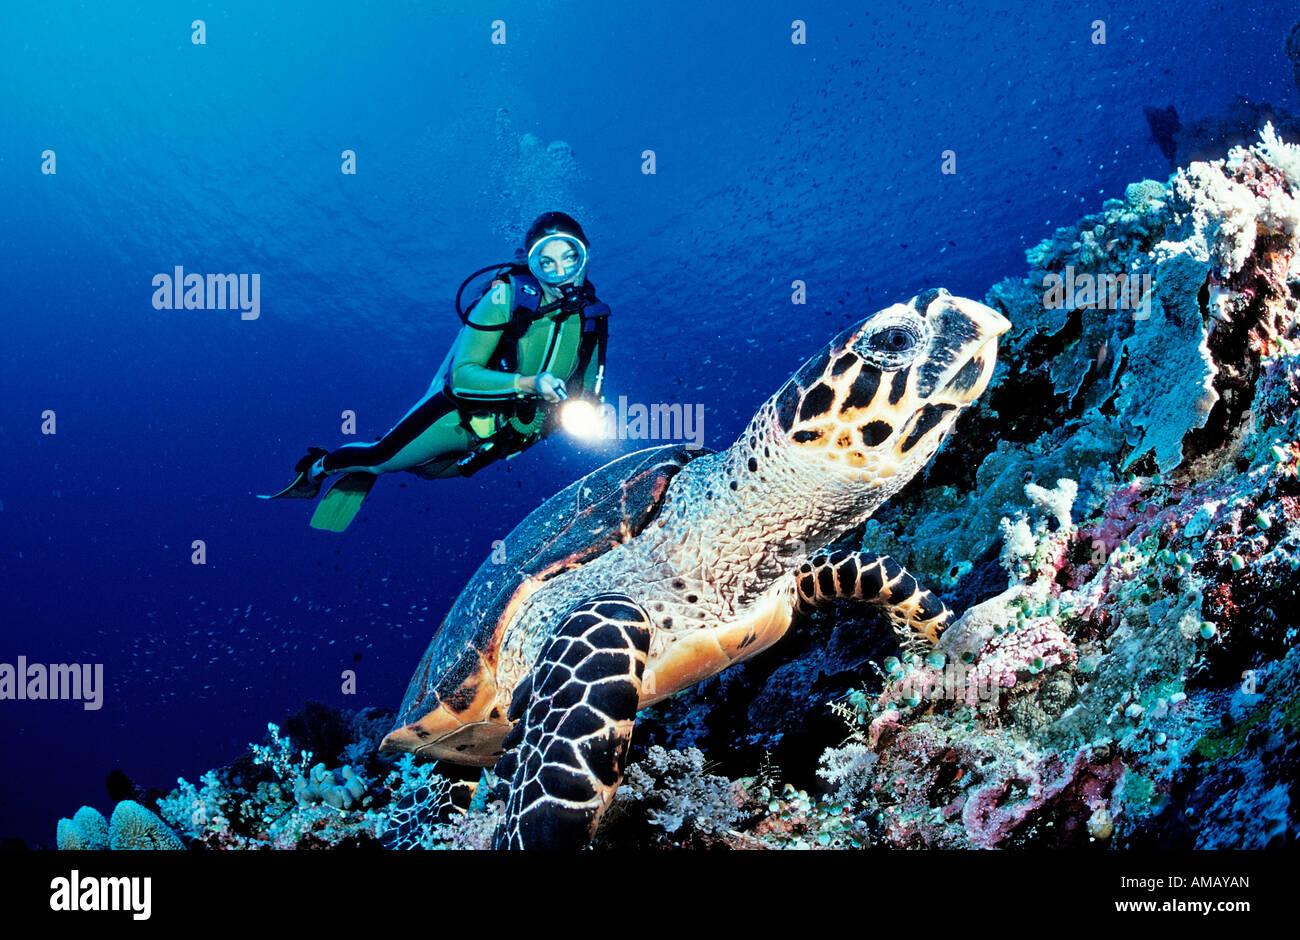 Subacqueo e Hawksbill SEA TURTLE Eretmochelys imbricata Malesia Layang Layang sul Mare della Cina del Sud Immagini Stock